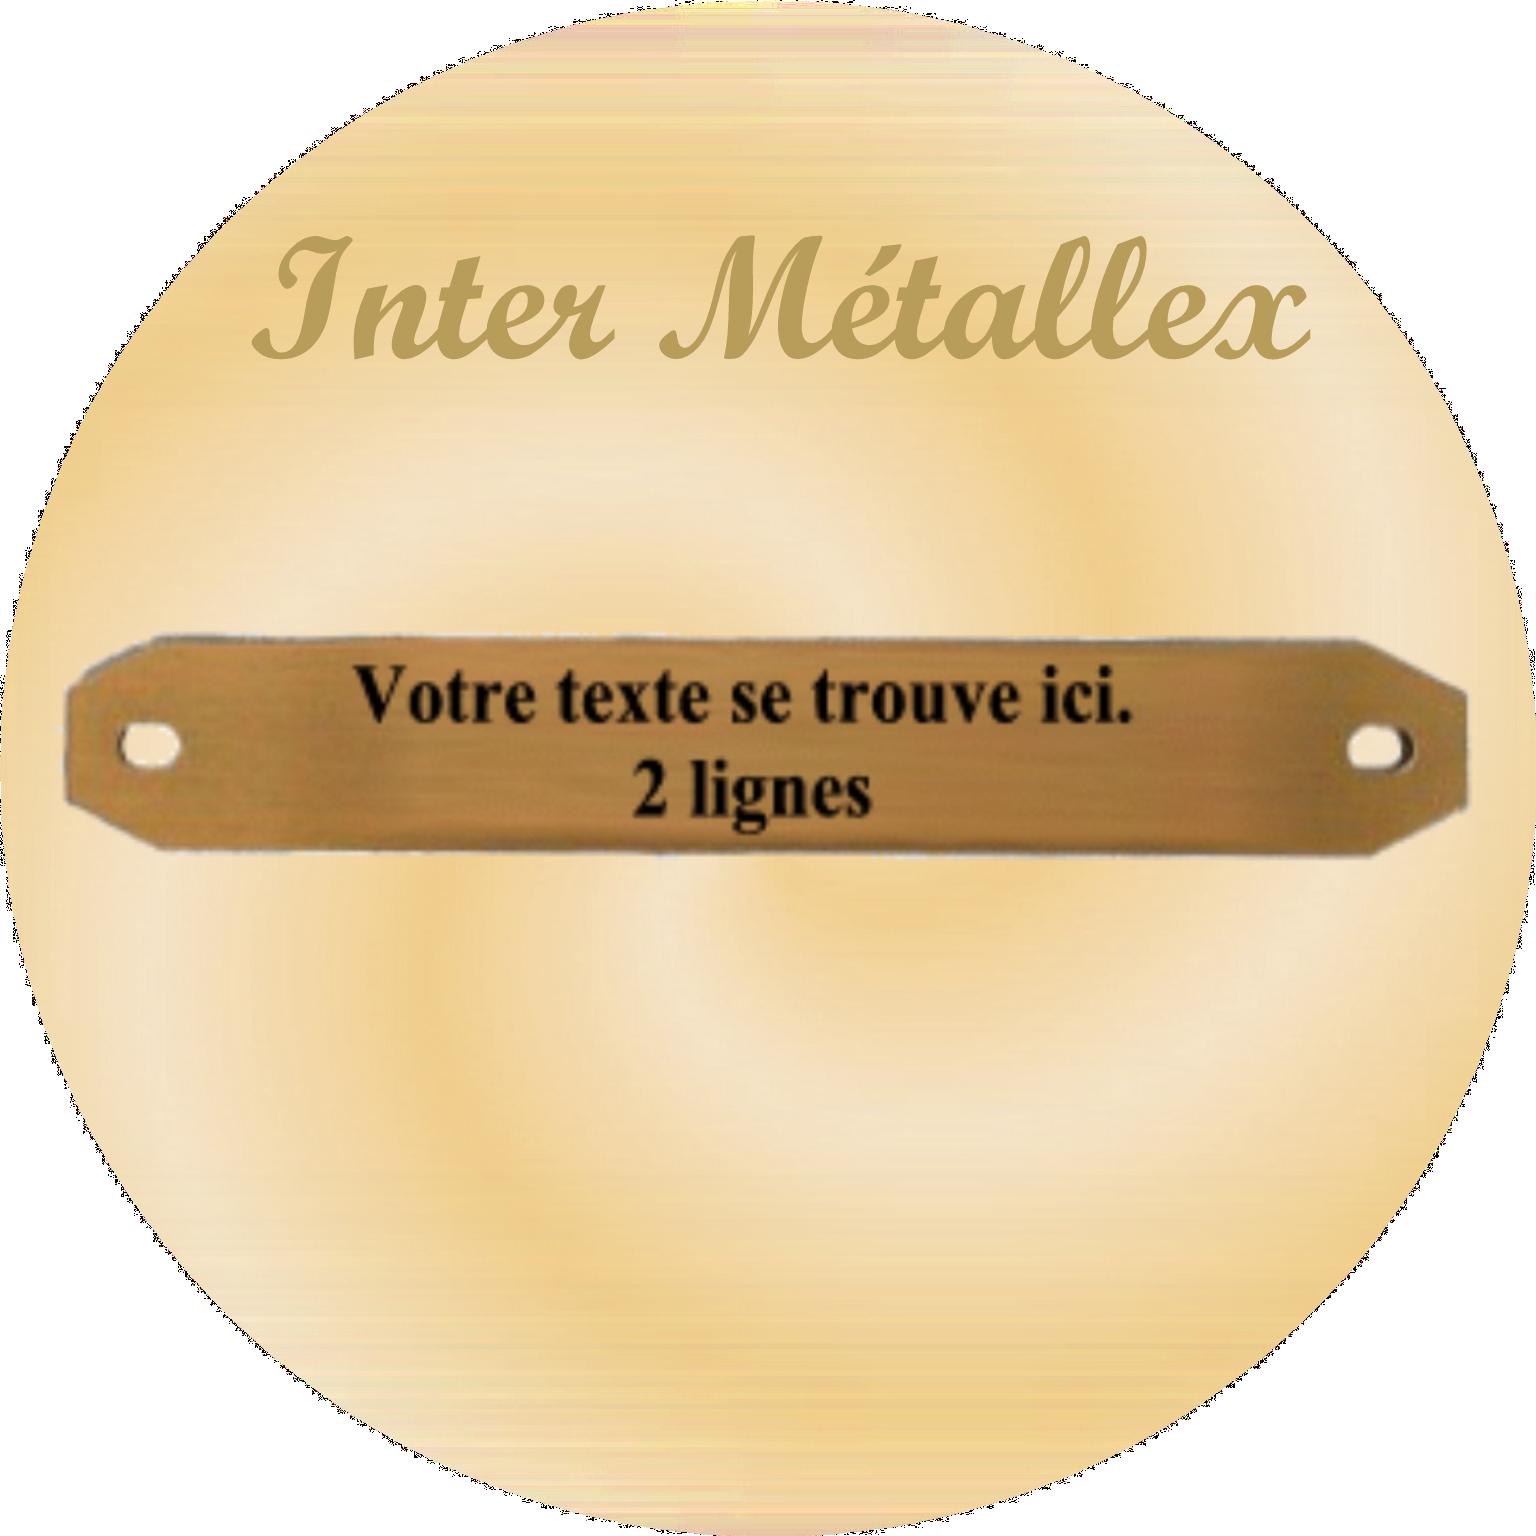 INTER metallex POUR PLAQUES FUNERAIRES